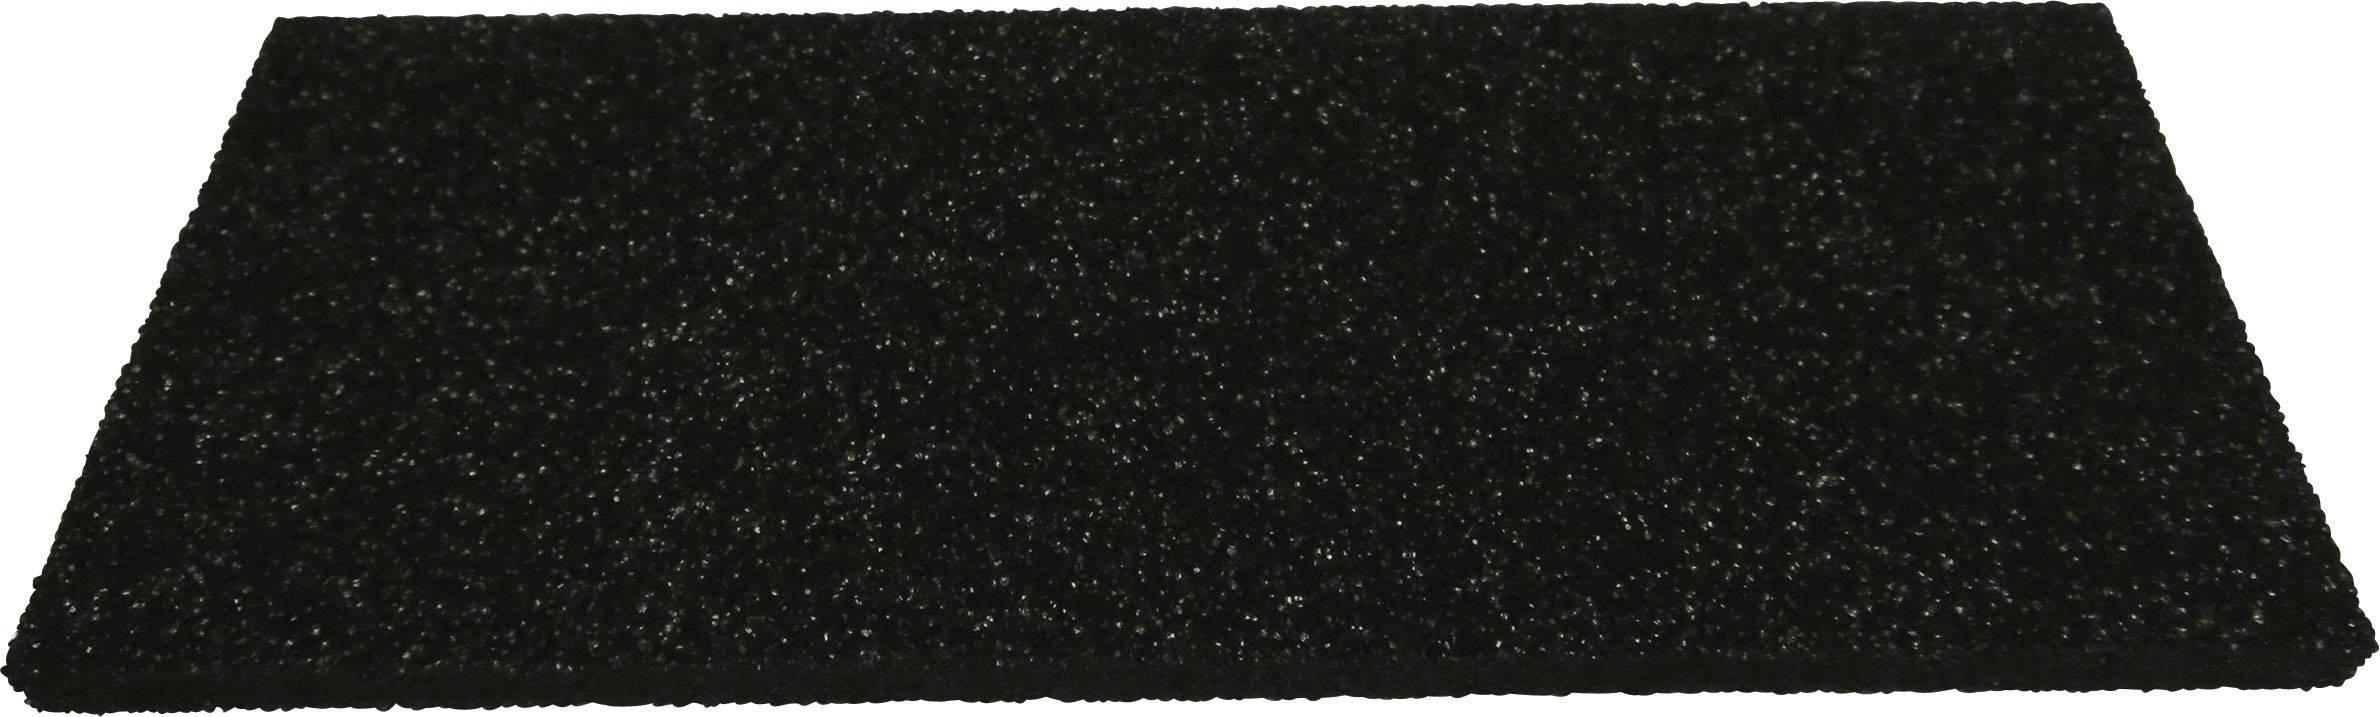 Mousse antistatique Wolfgang Warmbier 4550.06.0300 300 x 300 x 6 mm noir 1 pc s L x l x h